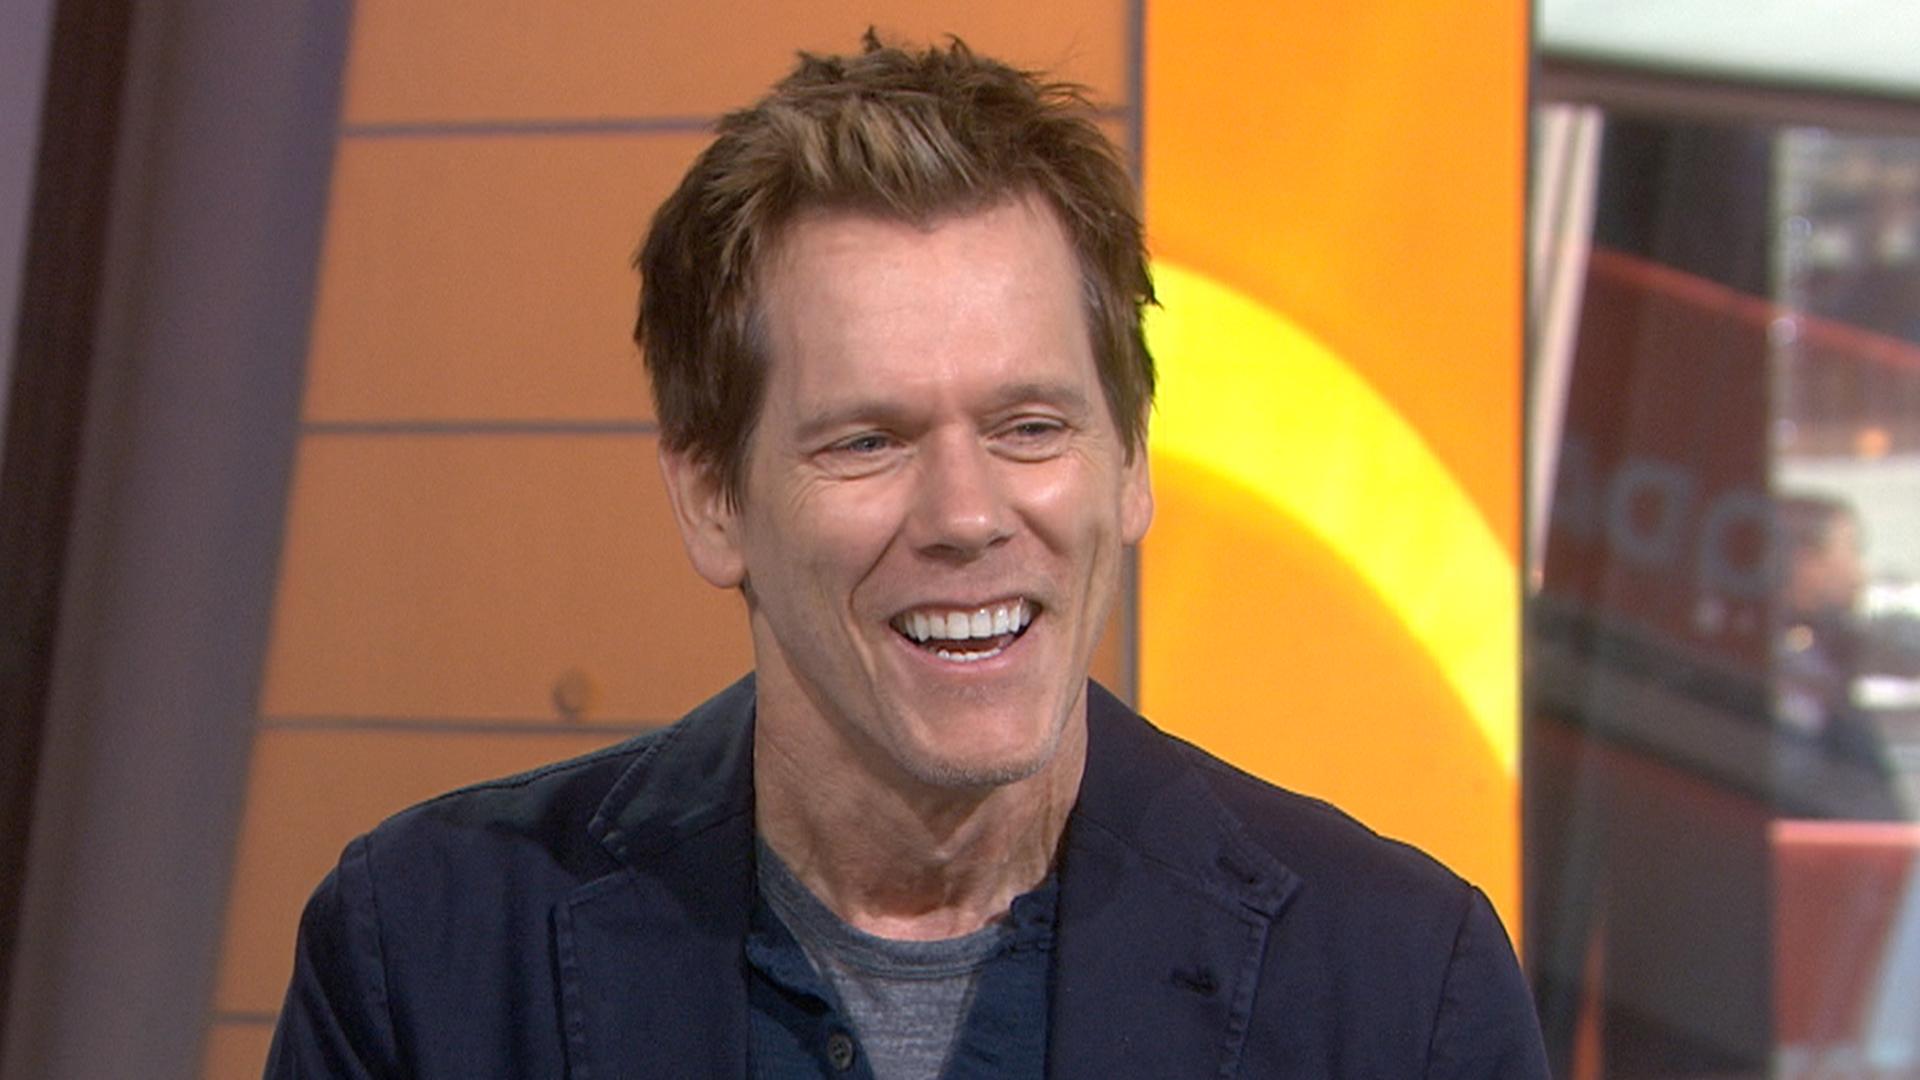 Kevin Bacon I had fun reenacting Footloose scene   TODAYcom 1920x1080